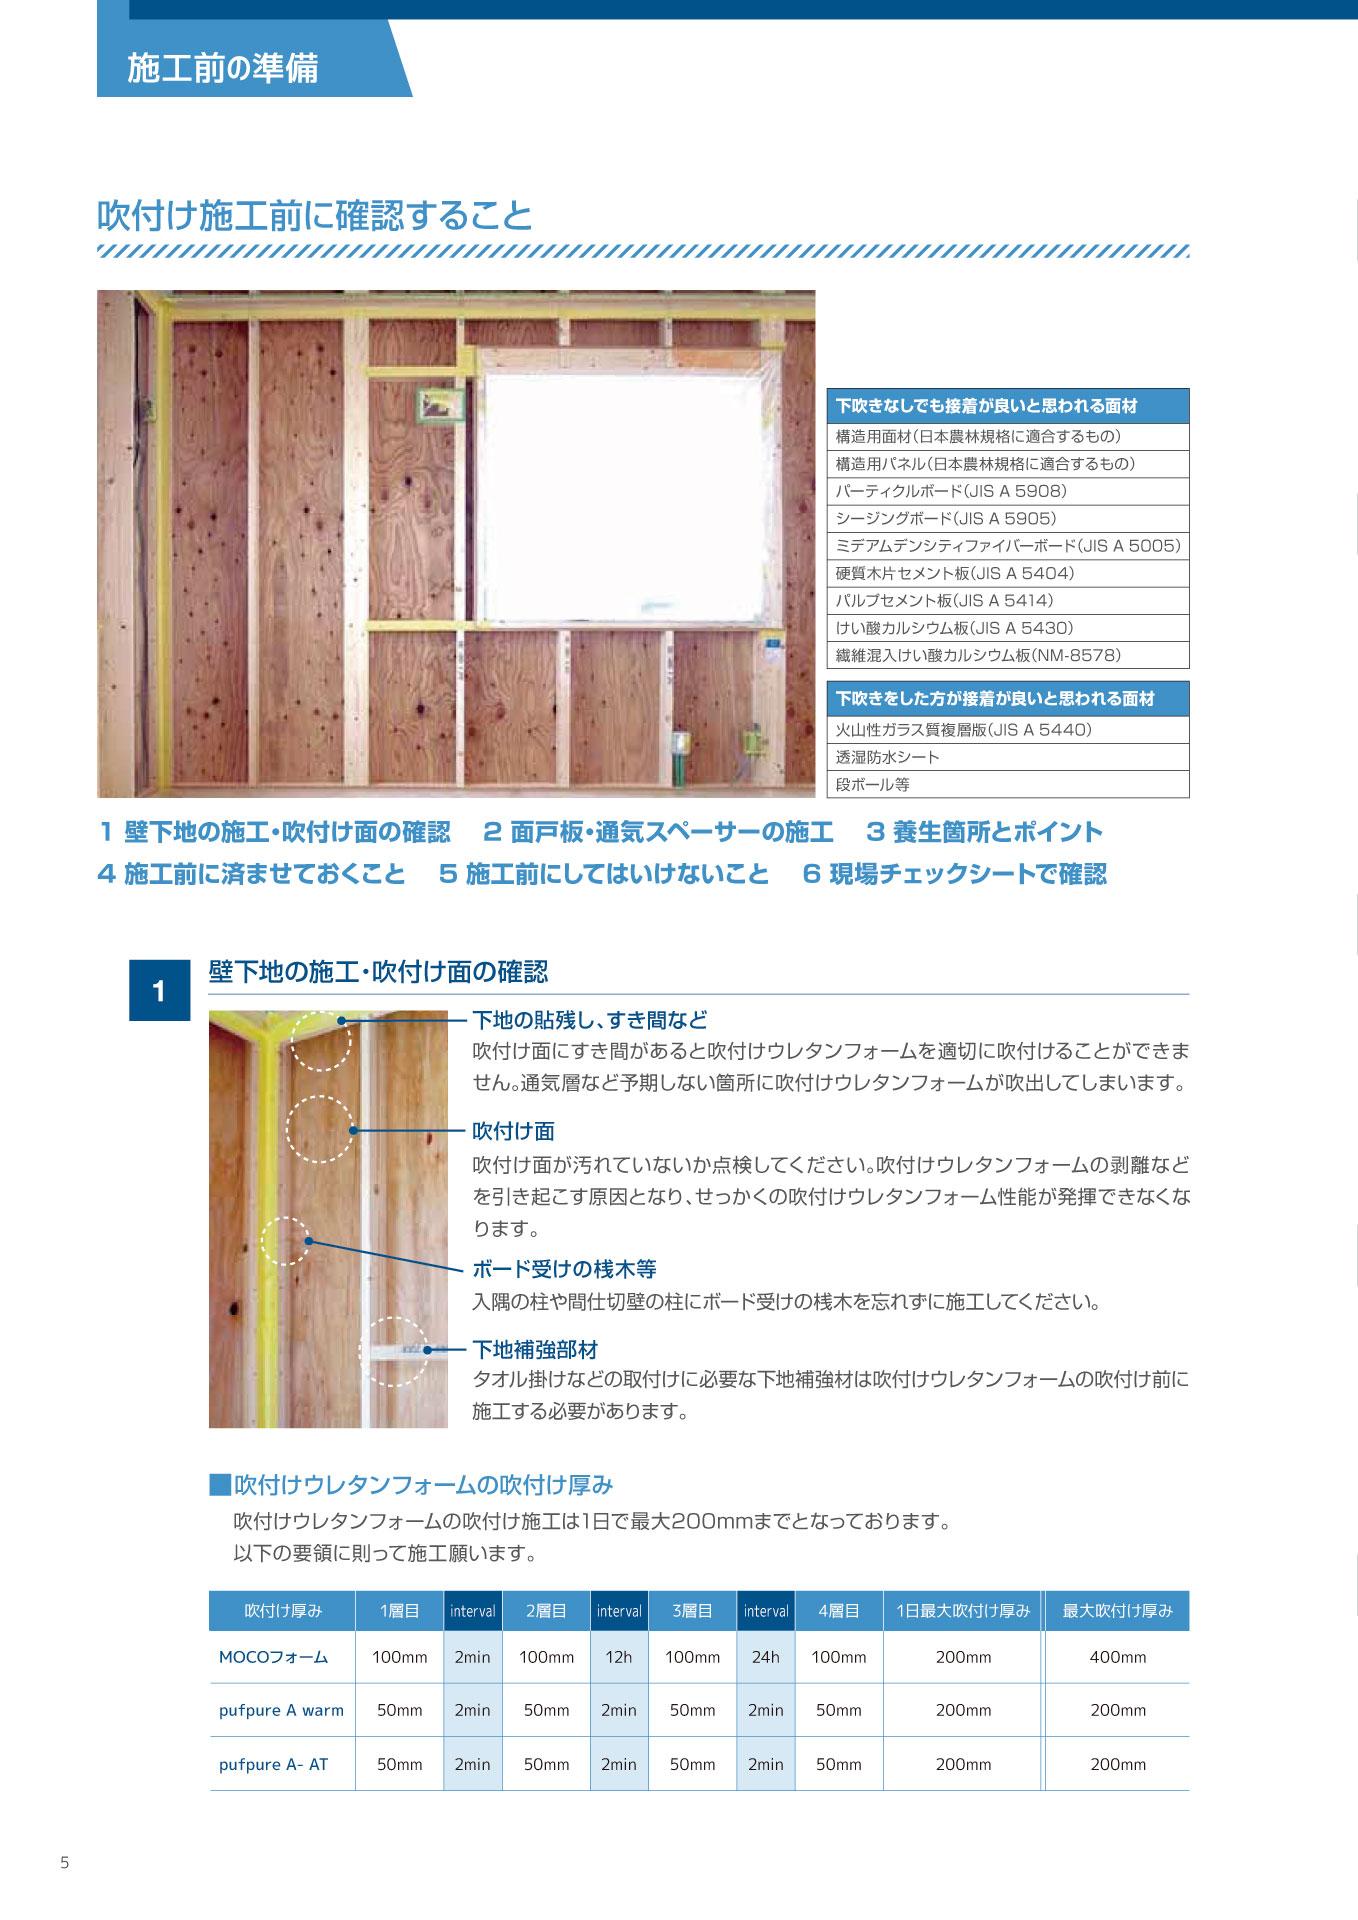 木造住宅用施工マニュアルP5